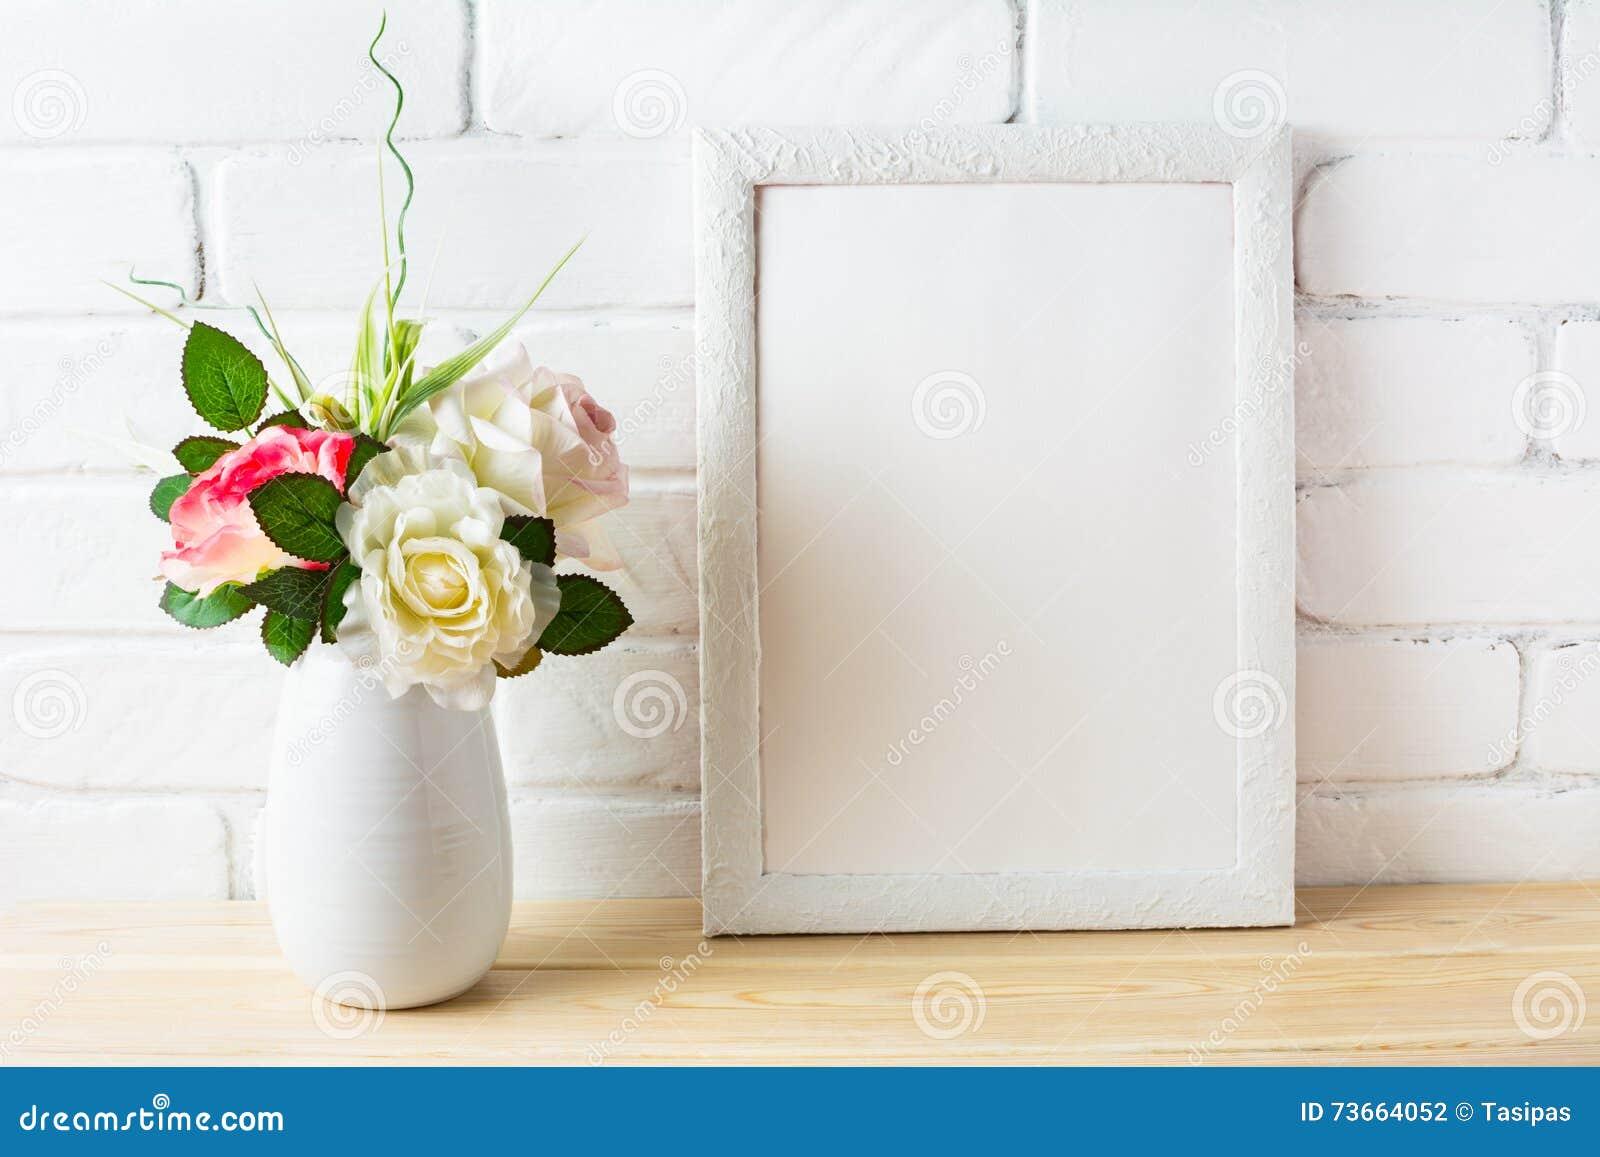 Modelo branco do quadro do estilo chique gasto com rosas cor-de-rosa